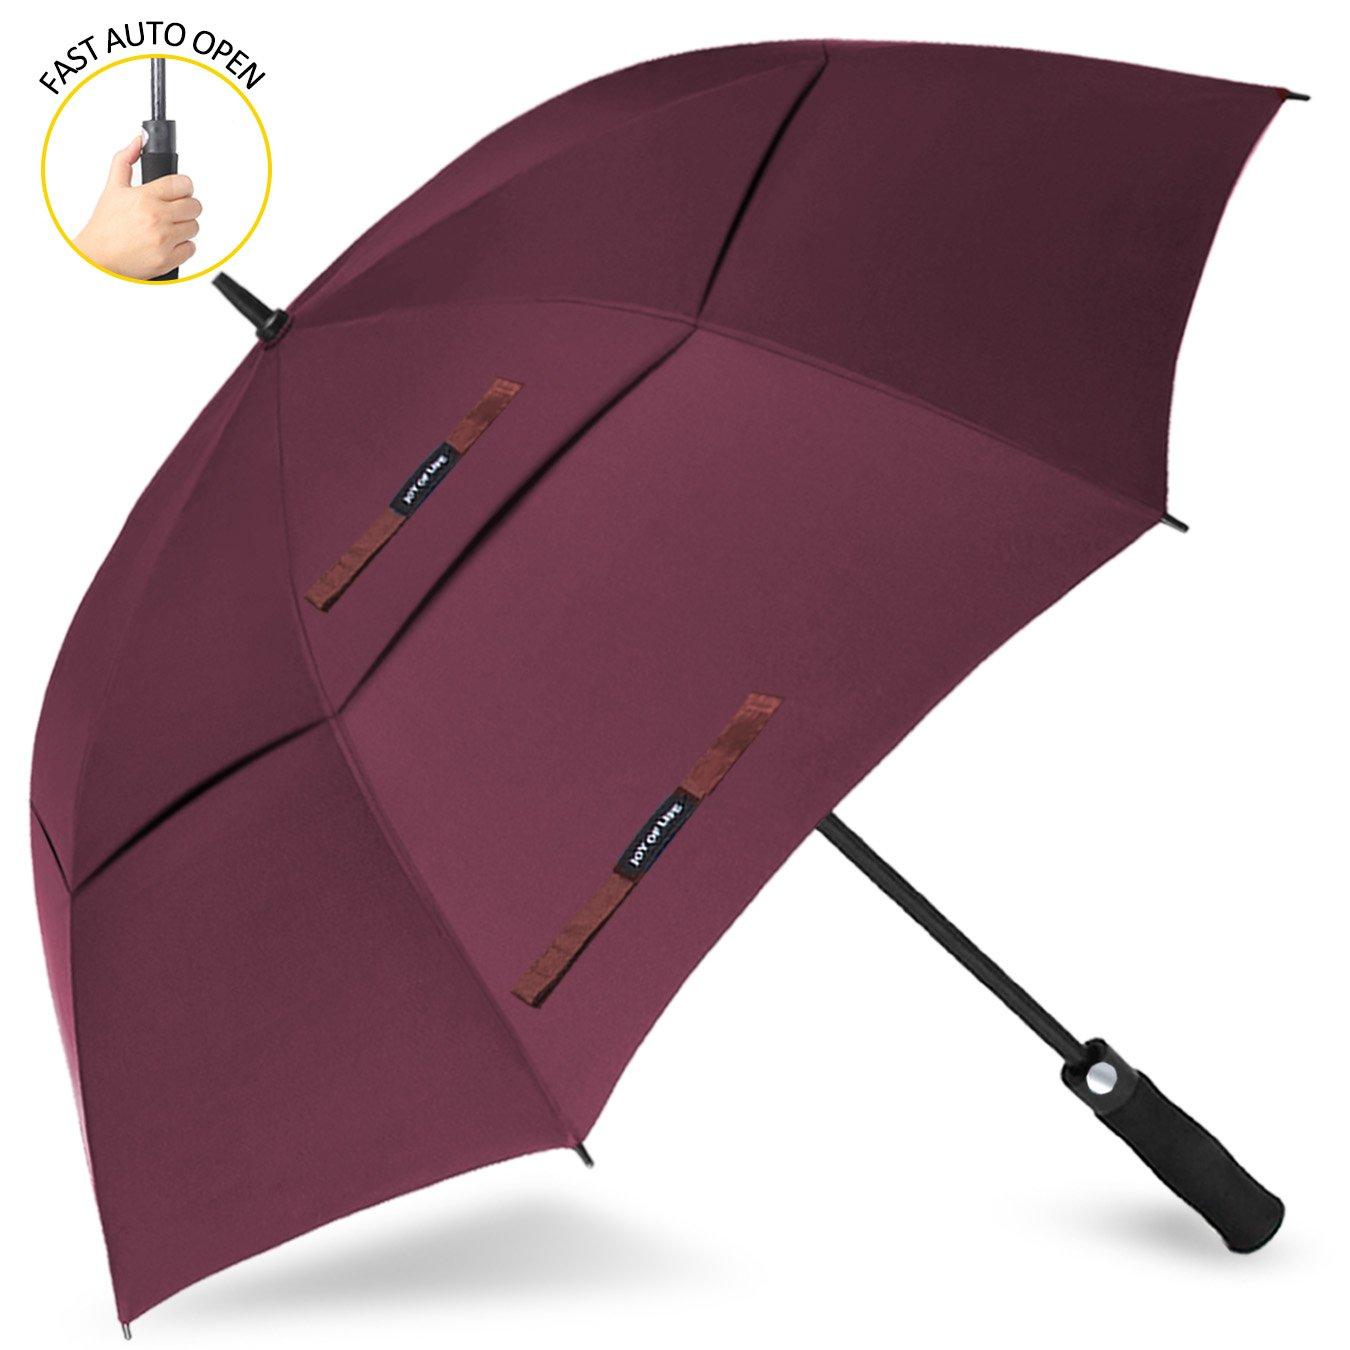 ゴルフ傘 長傘 ワンタッチ 自動開け大きな傘 100cm 梅雨対策 台風対応 ビジネス用 メンズ B072R5R8T5 傘の長さ100cm(62inches)|赤 赤 傘の長さ100cm(62inches)